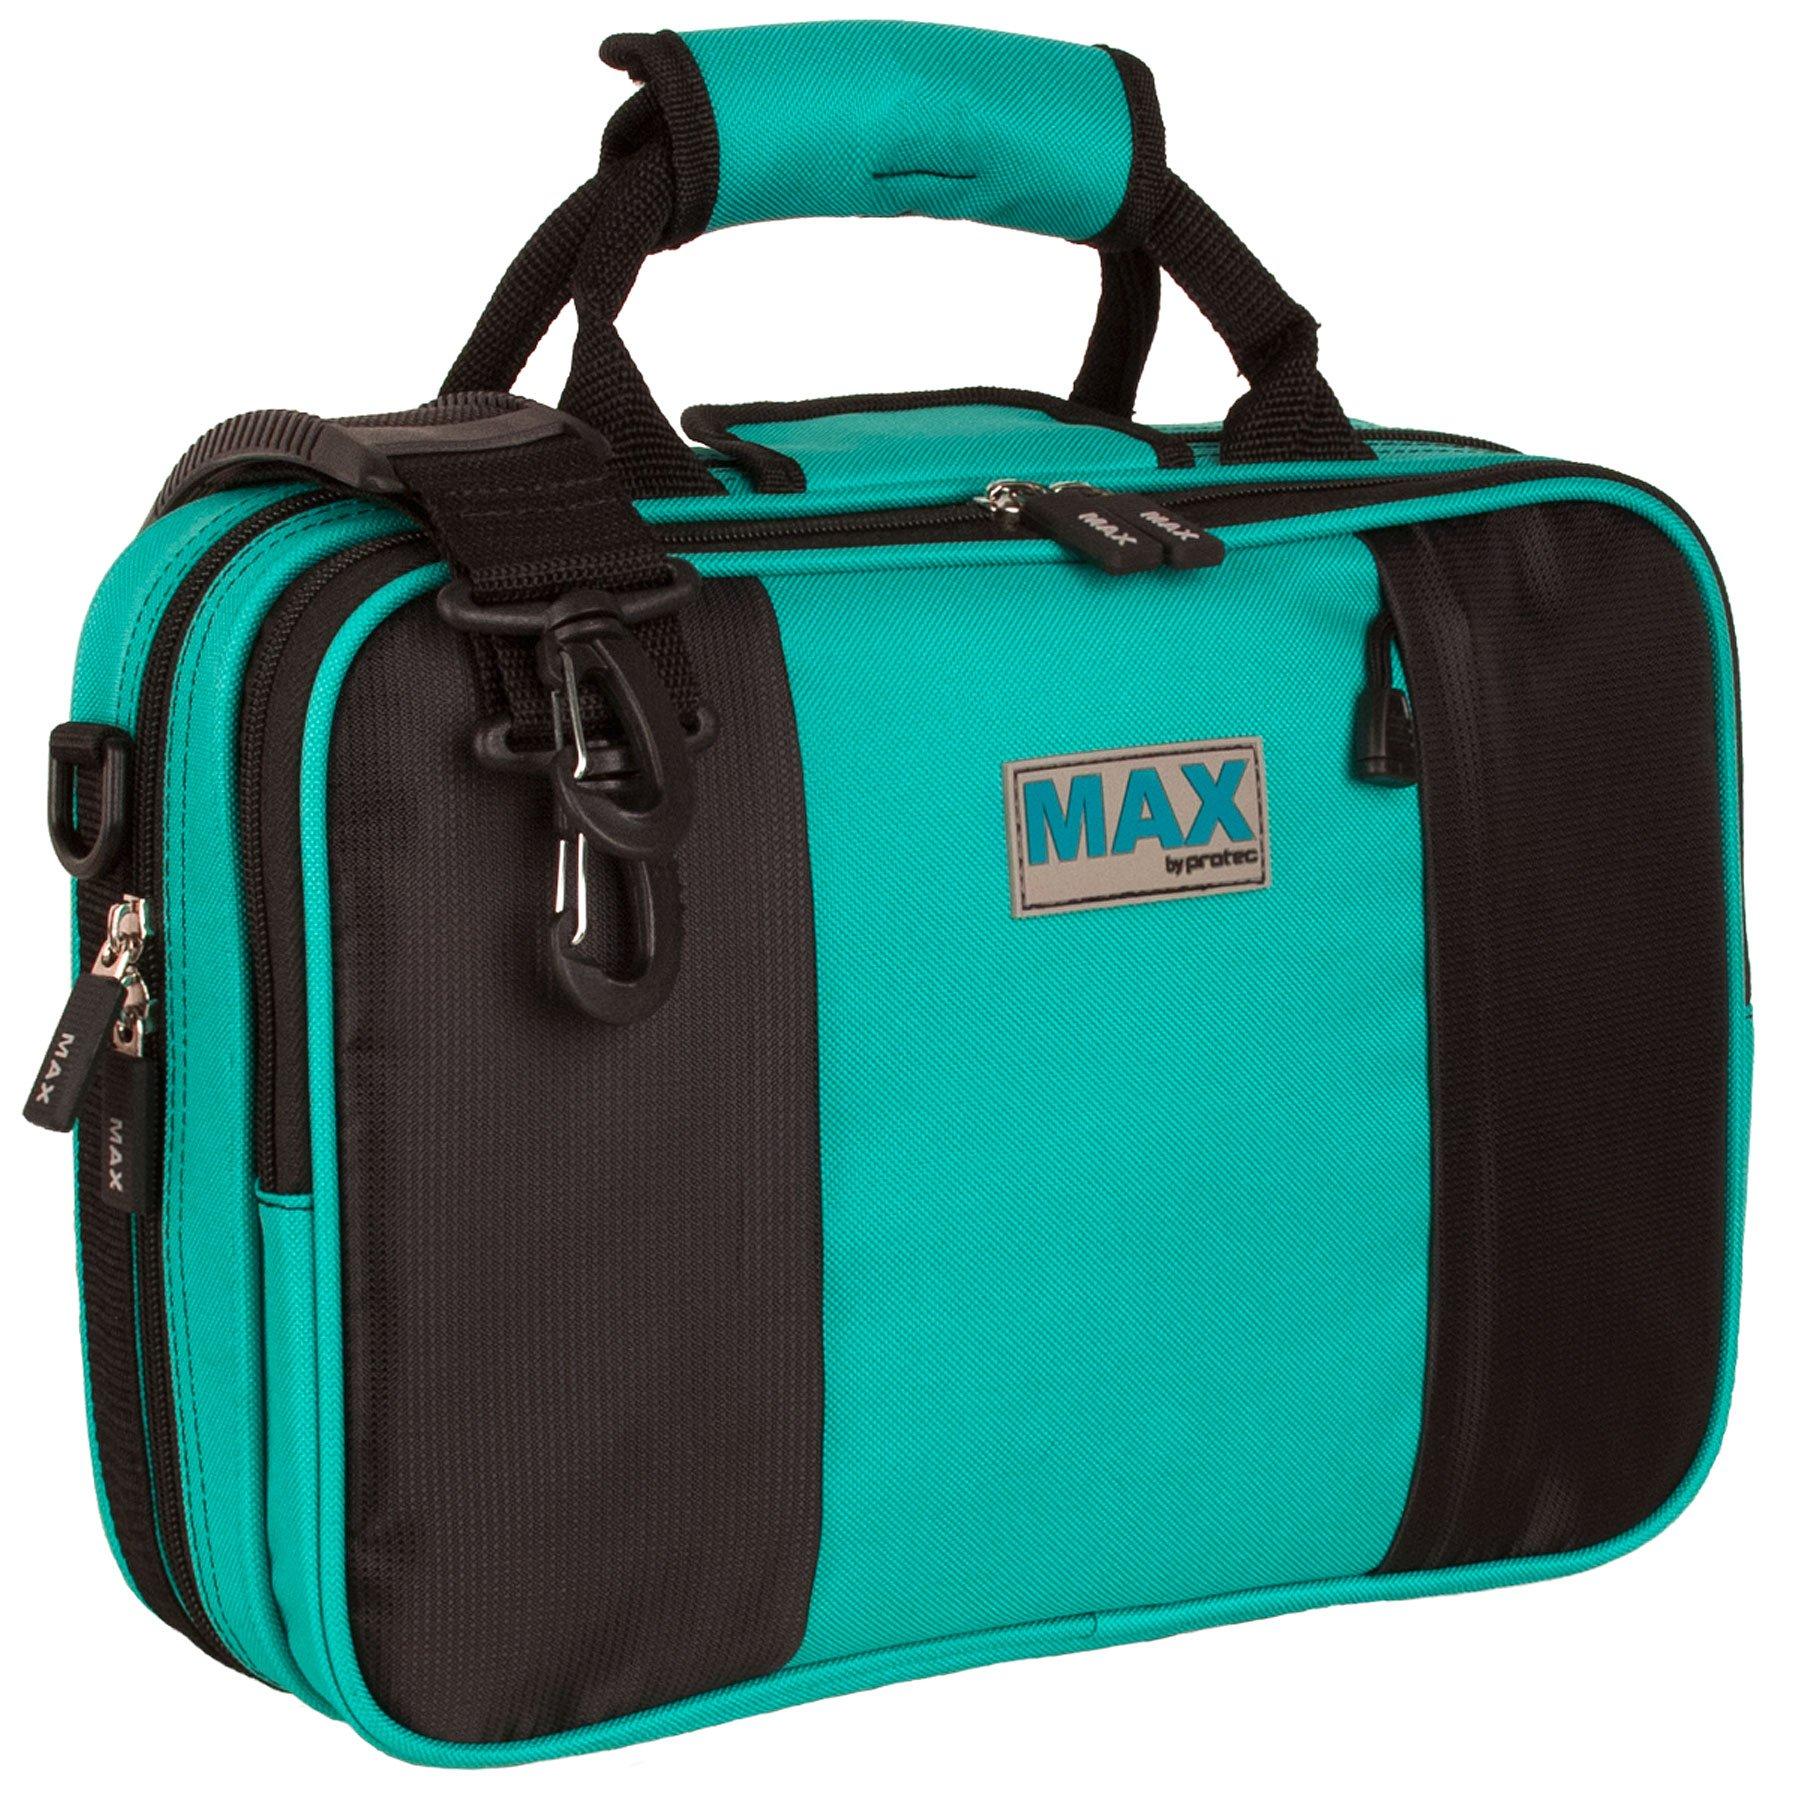 Protec Bb Clarinet MAX Case (Mint), Model MX307MT